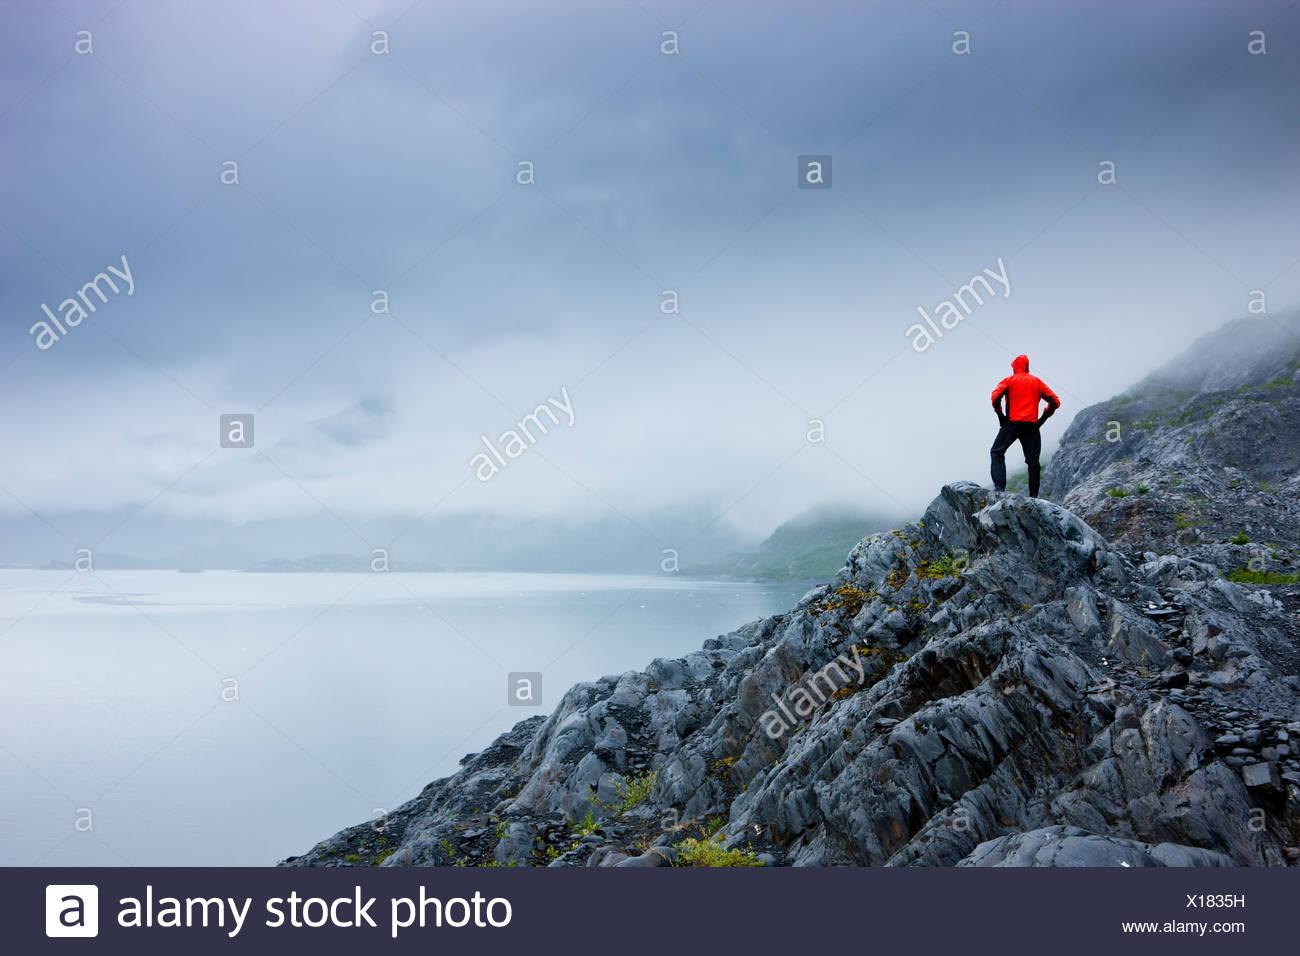 Un escursionista solitario sorge su un affioramento roccioso affacciato sulla Baia di Shoup membro Marine Park, Prince William Sound, Alaska Immagini Stock